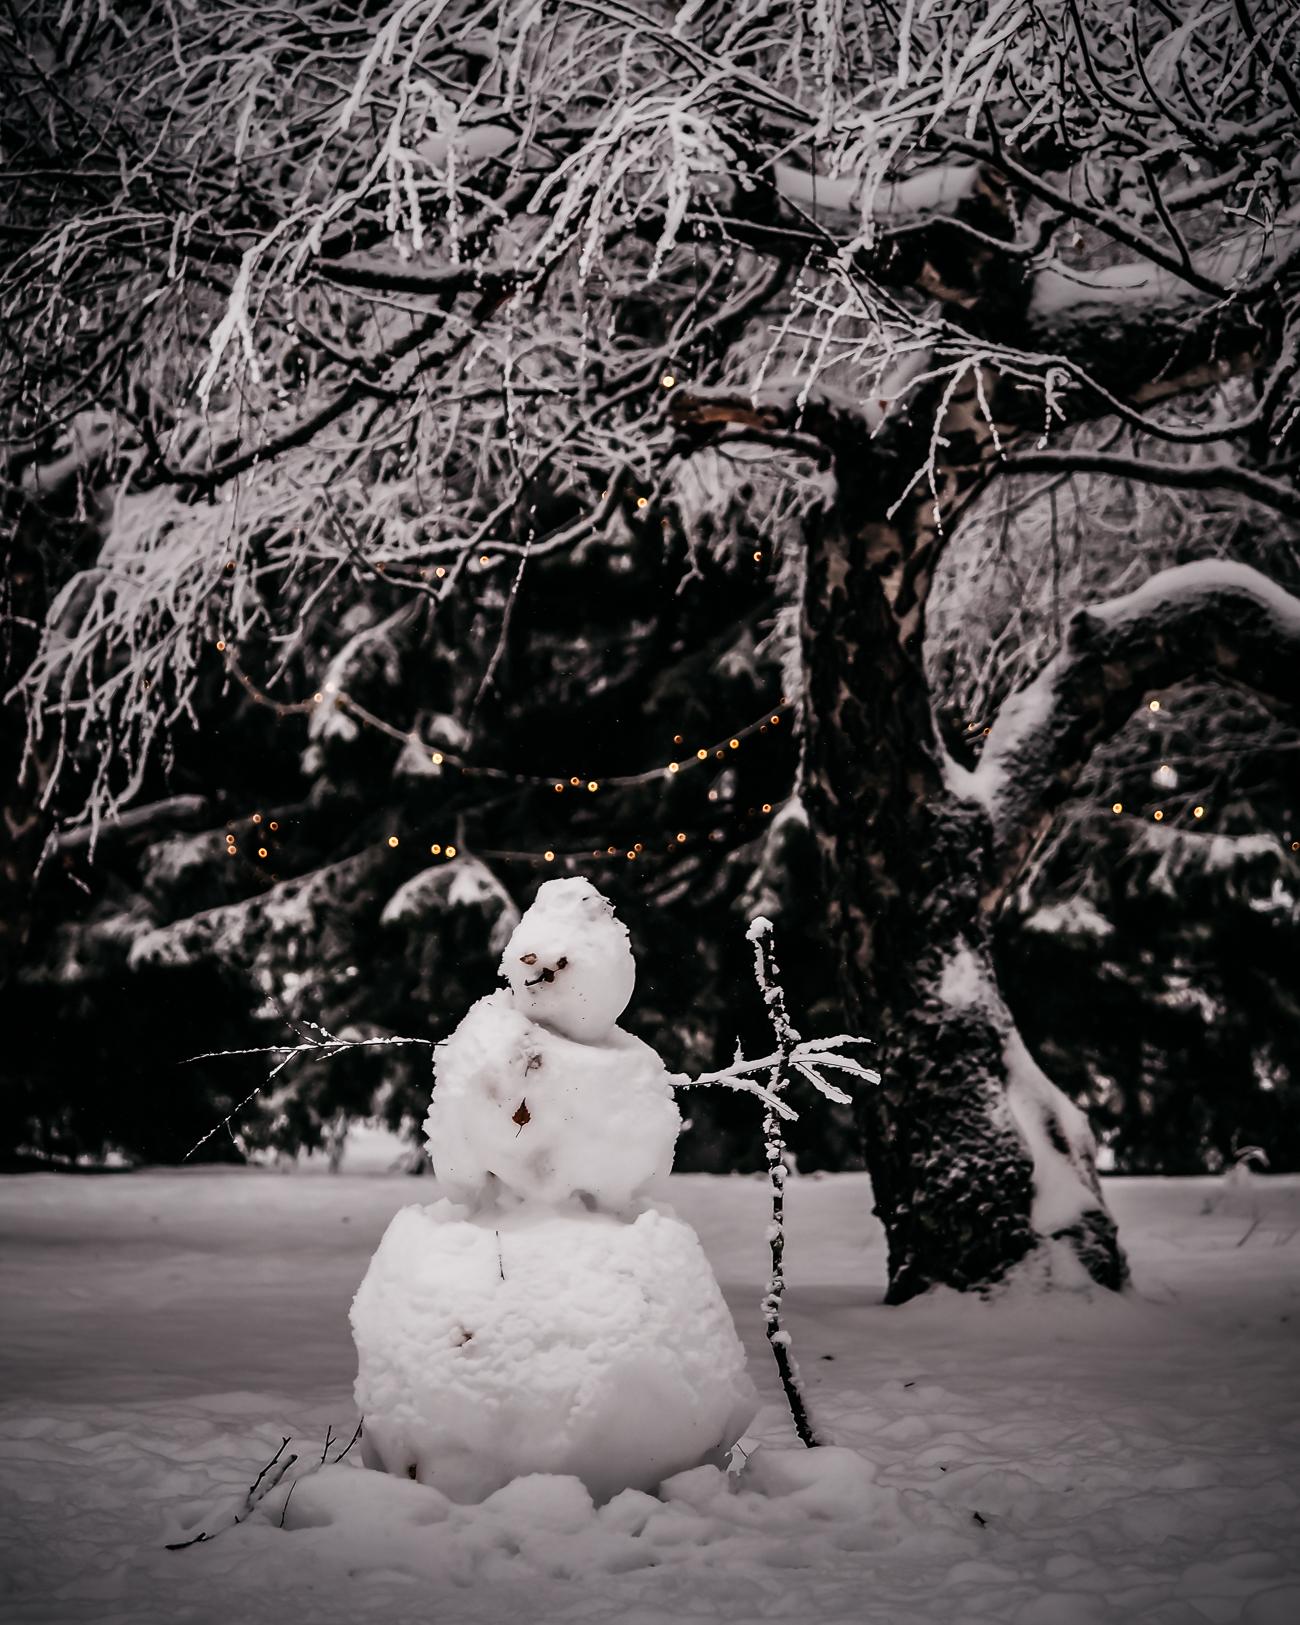 pihalla kuin lumiukko